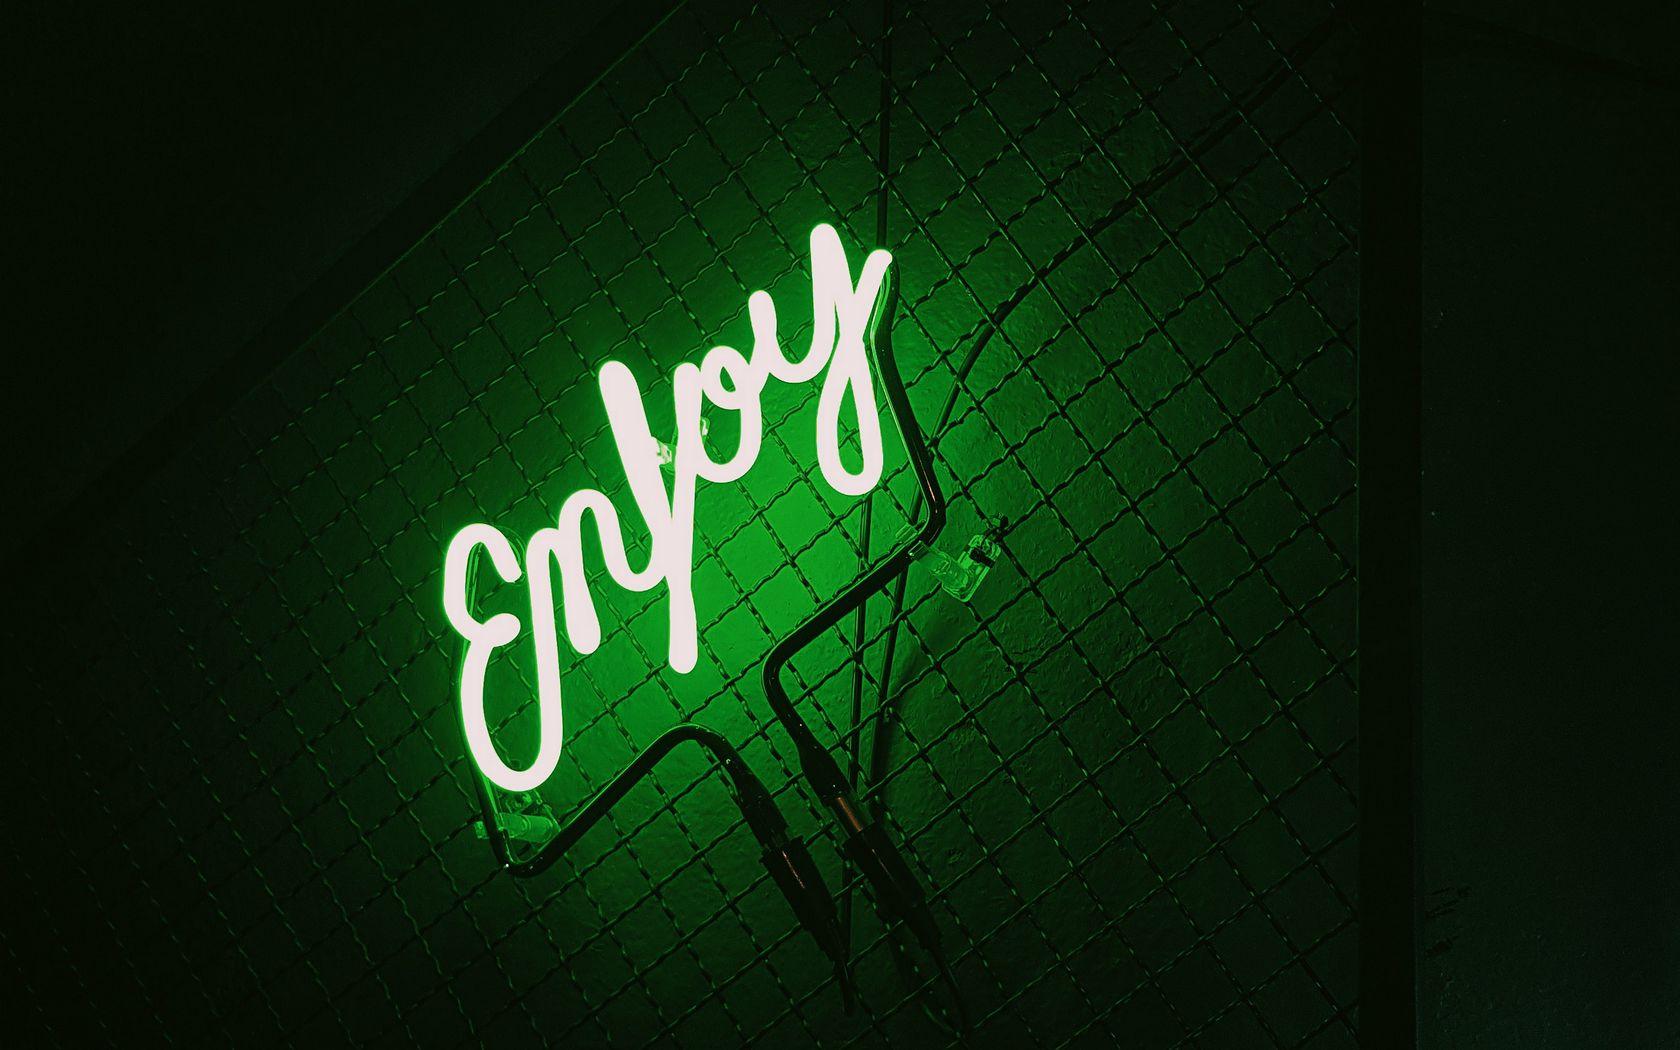 1680x1050 Wallpaper inscription, neon, backlight, green, dark